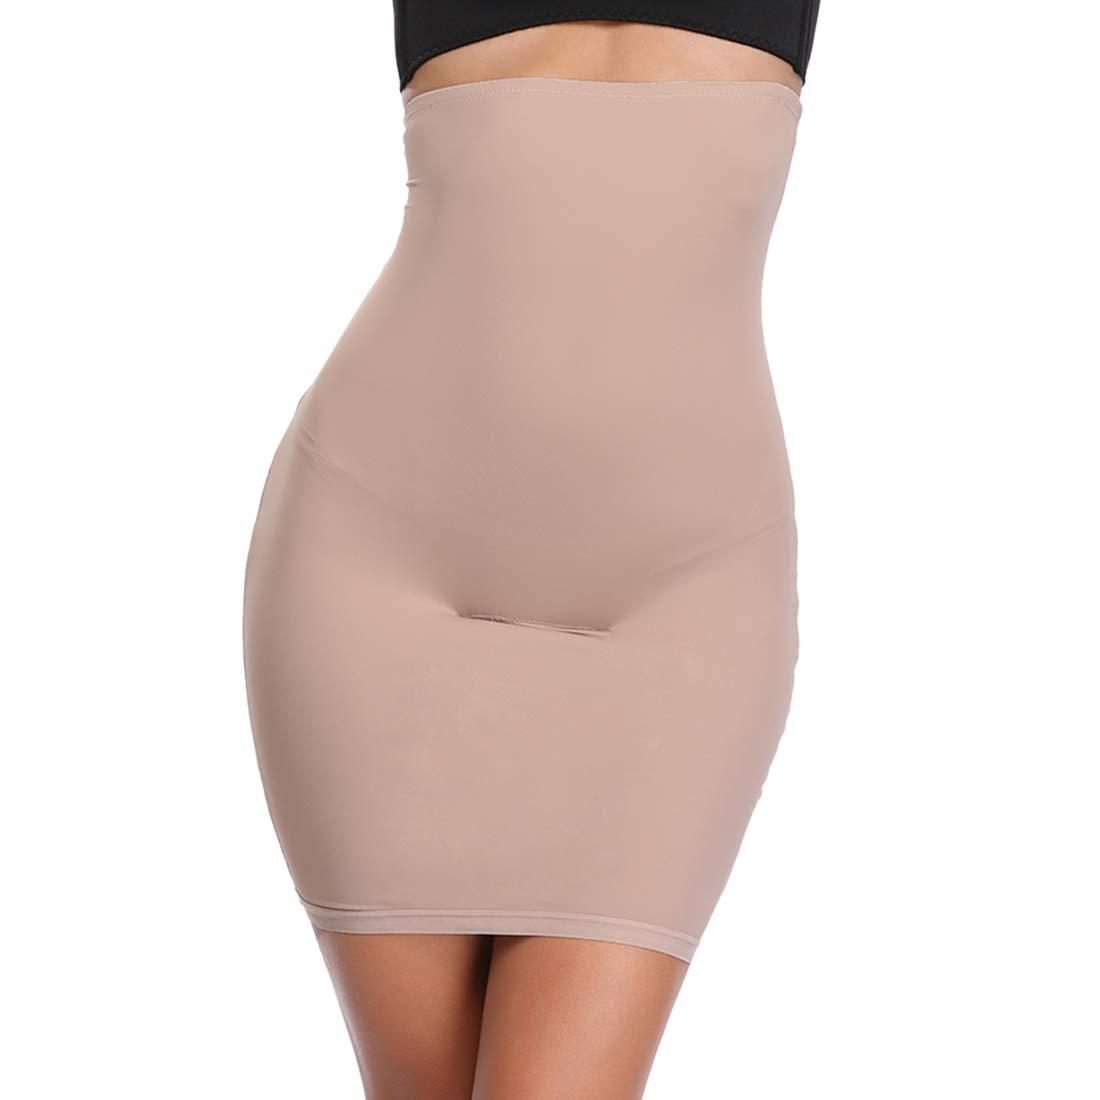 Half Slips for Women Under Dress Butt Lift Shapewear Tummy Control Waist Trainer Body Shaper(Beige,S)